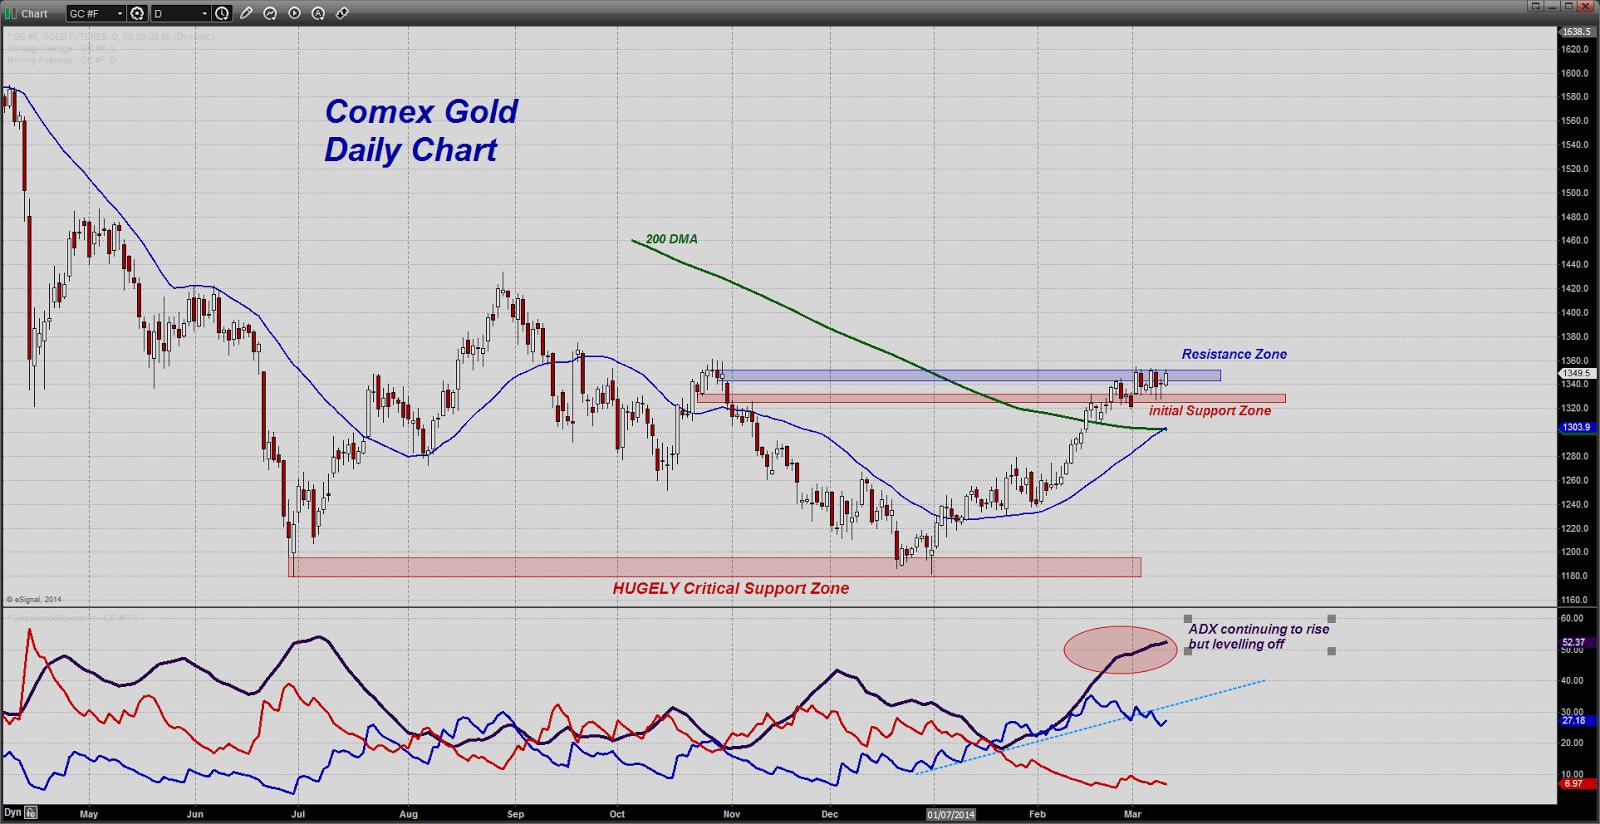 prix de l'or, de l'argent et des minières / suivi quotidien en clôture - Page 10 Chart20140311142506